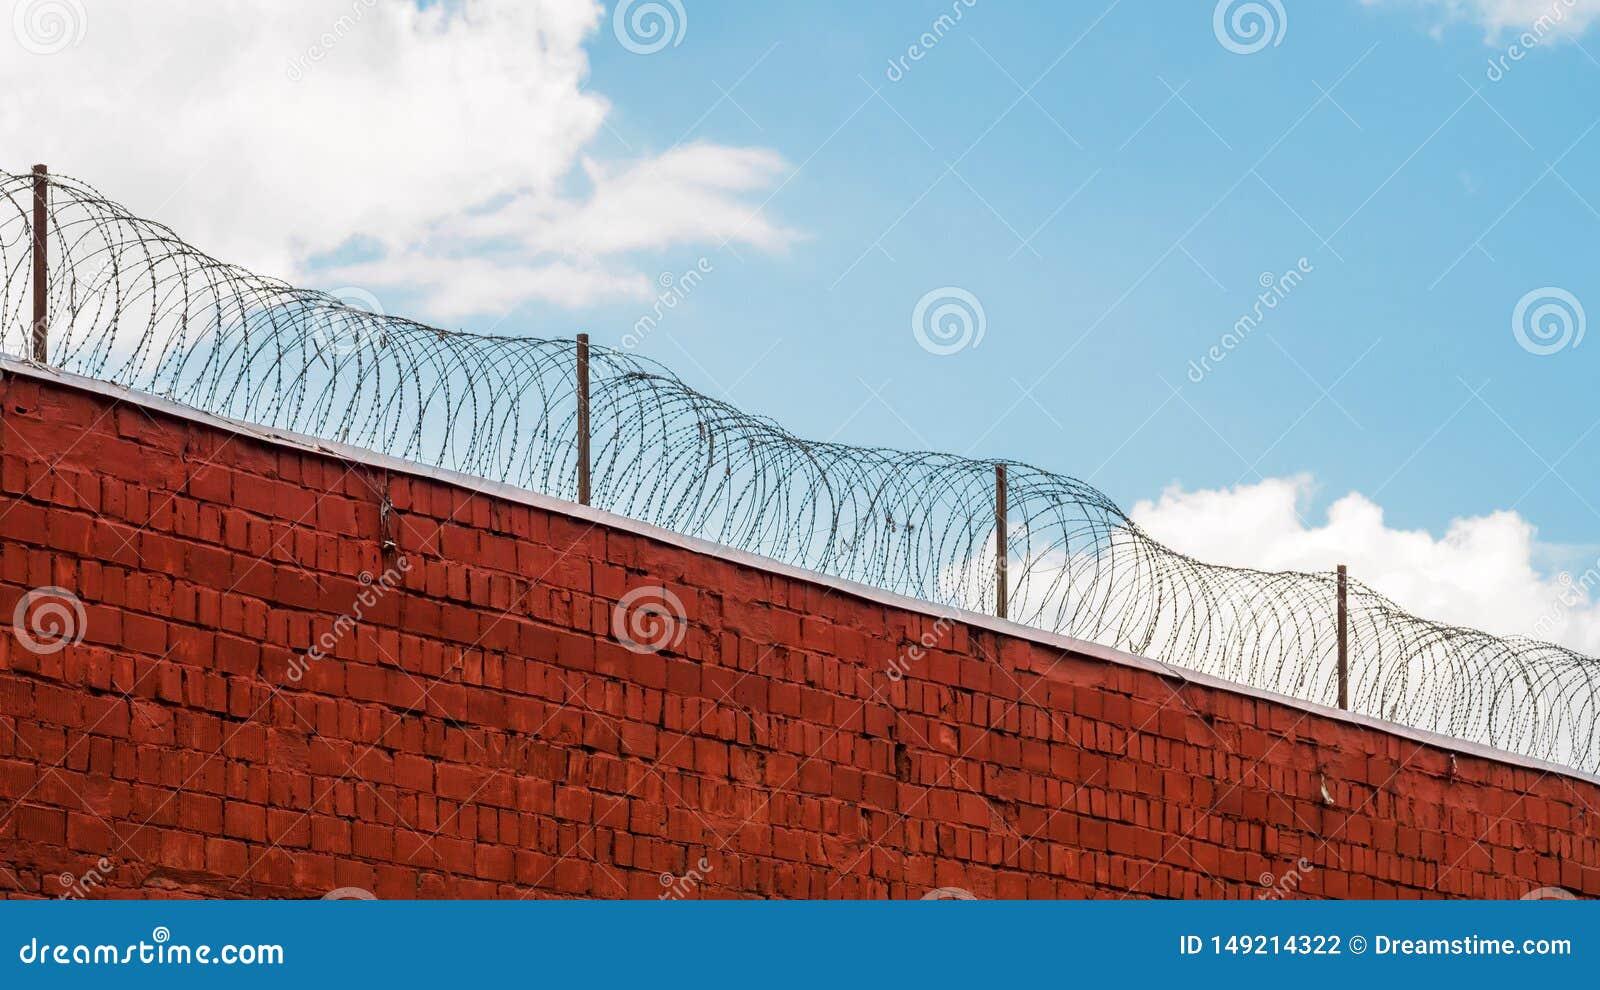 Gevangenismuur met prikkeldraad en wolken op de achtergrond